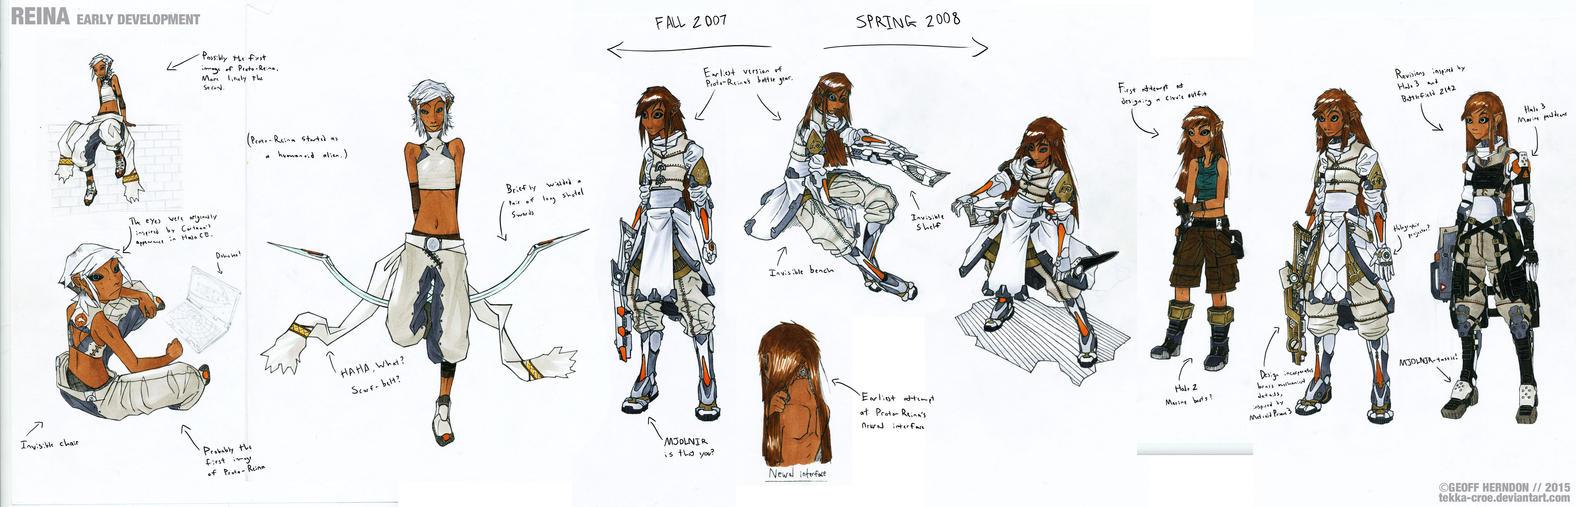 Proto-Reina (Early Development Art) by Tekka-Croe